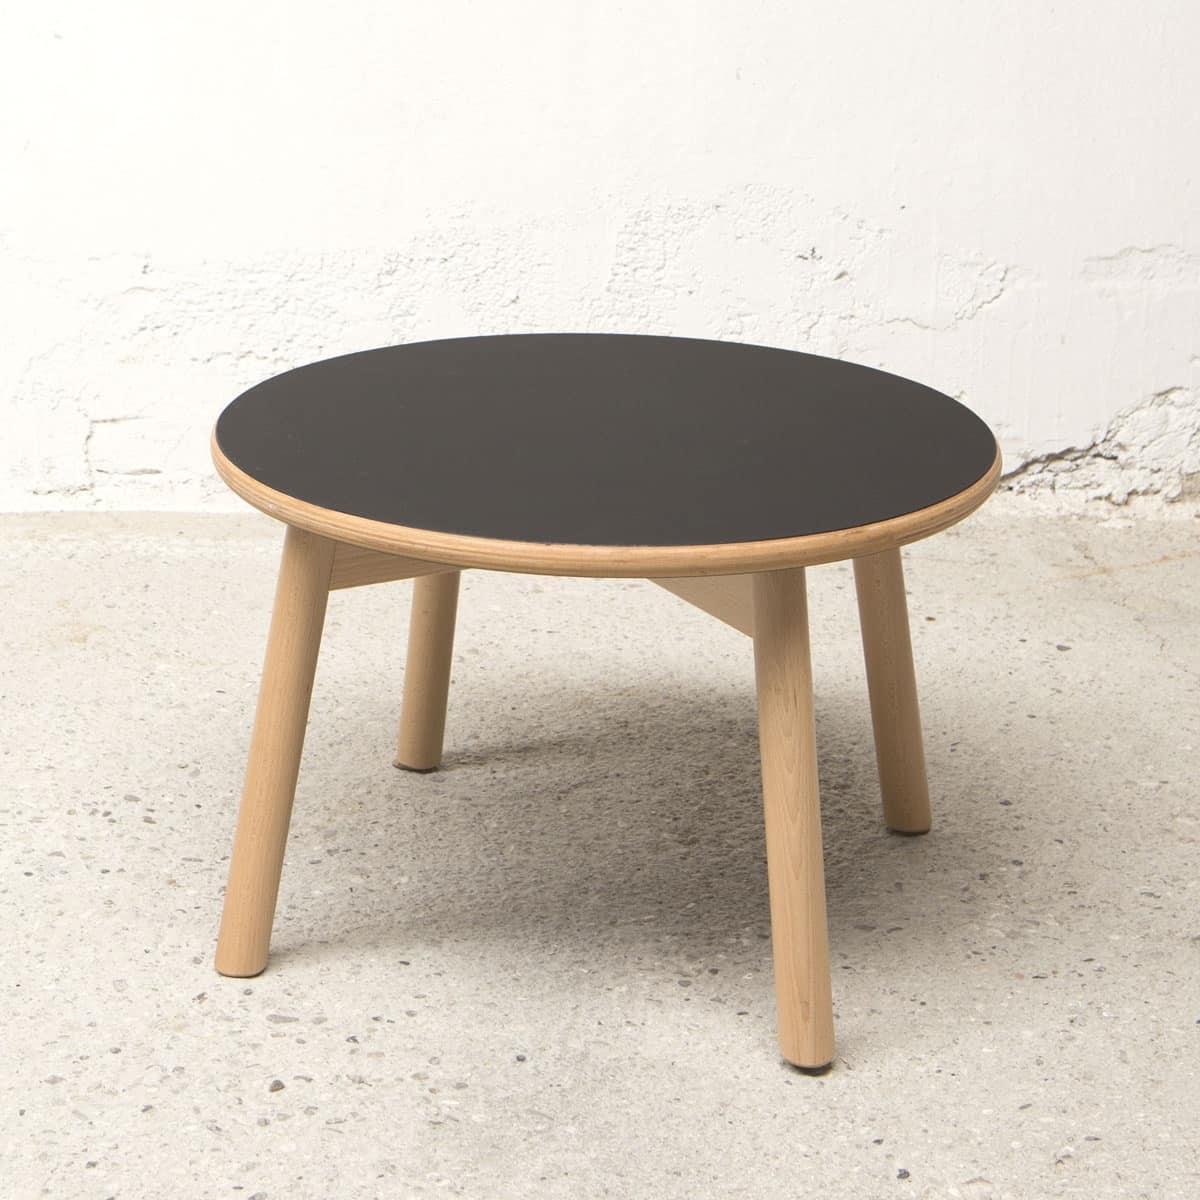 Tavolino Tondo Bolz, Tavolino per centro sala, piano in laminato, stile semplice